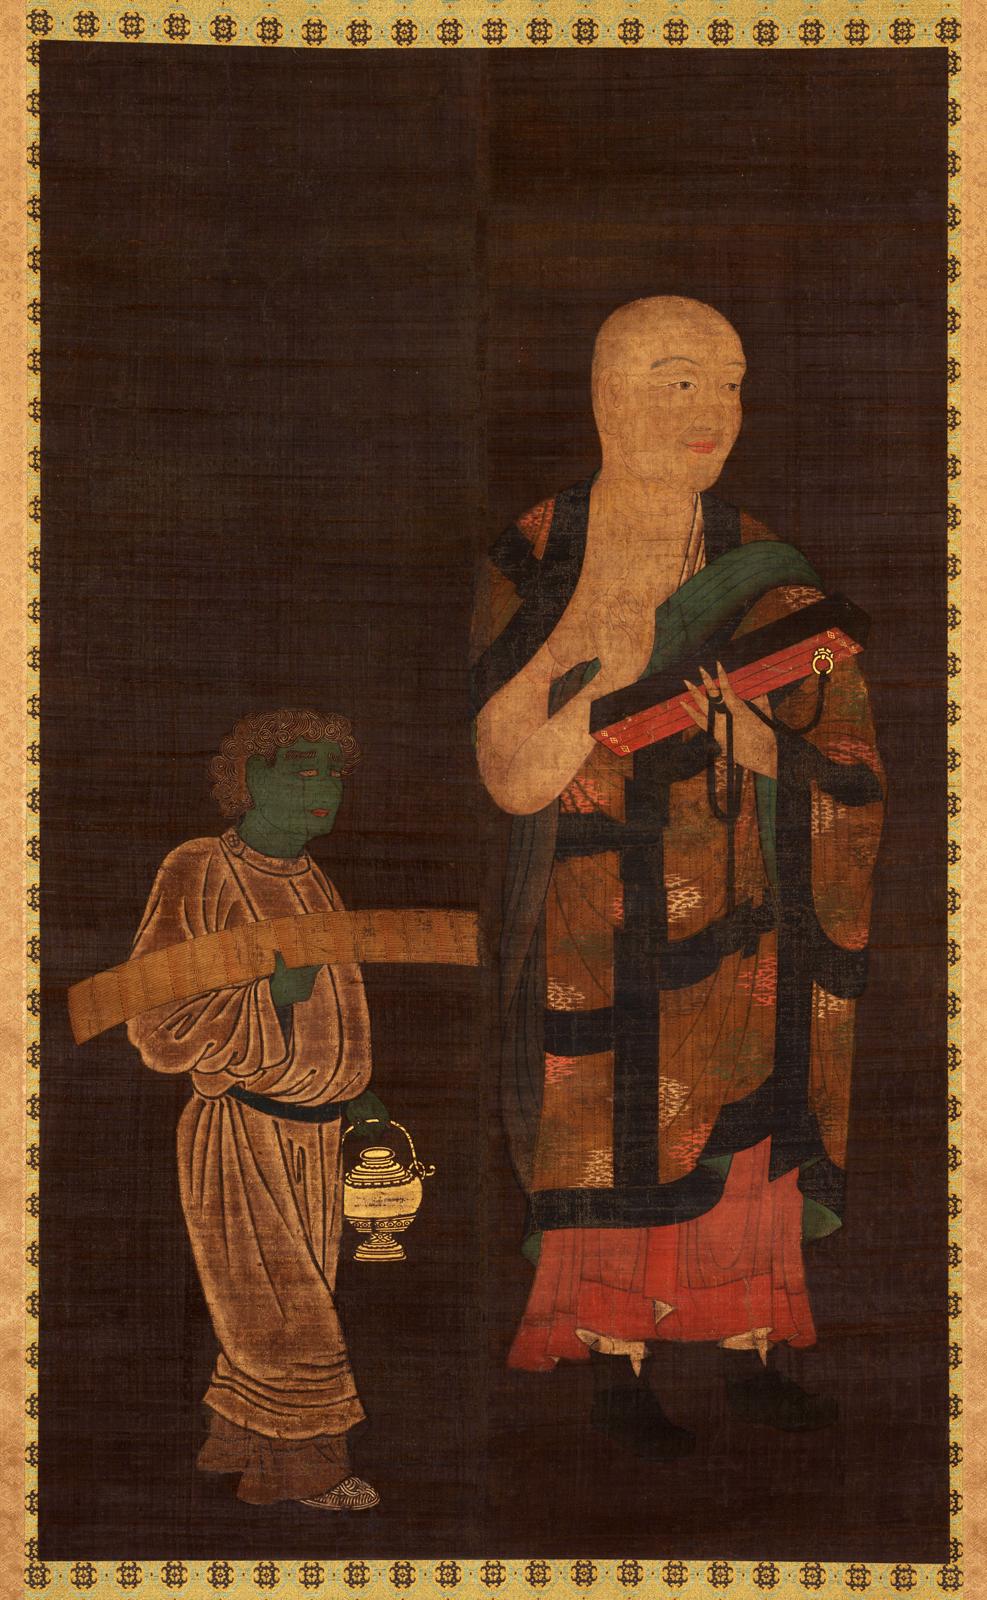 Xuánzàng – Un pellegrino buddhista sulla Via della seta, Cap. VI